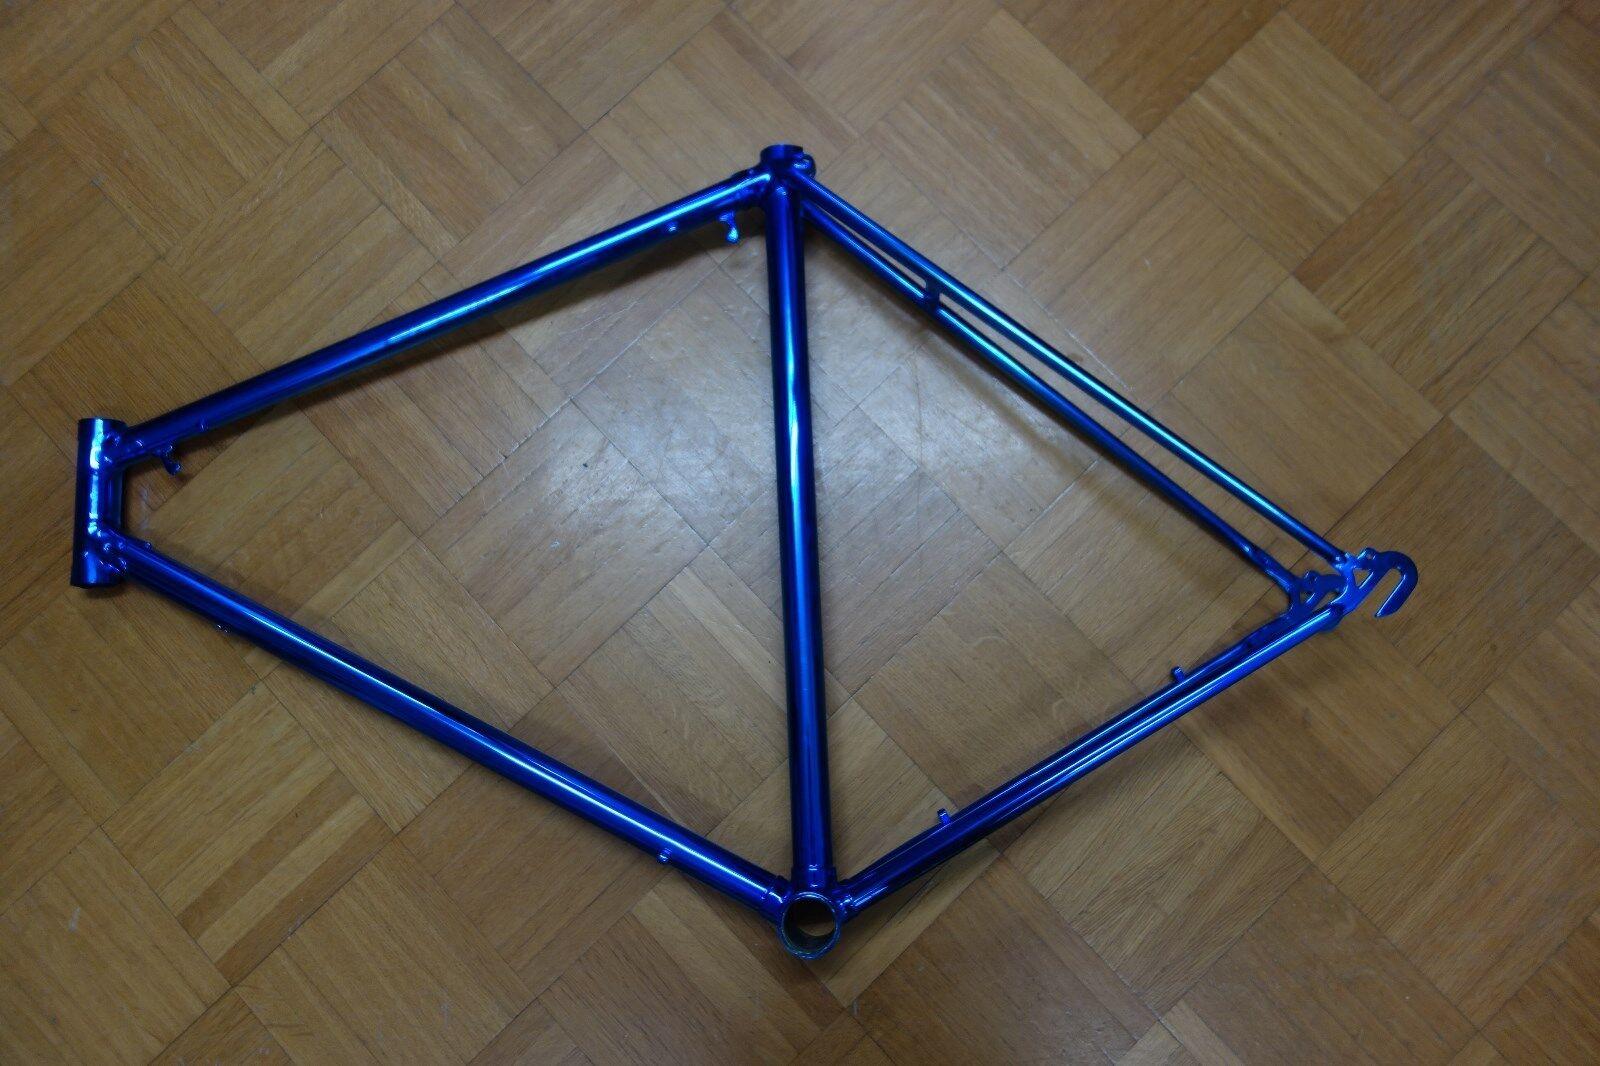 Bicicletta Corsa Telaio Pezzo Unico 58 cm Sitzhöhe. Blu Verniciato